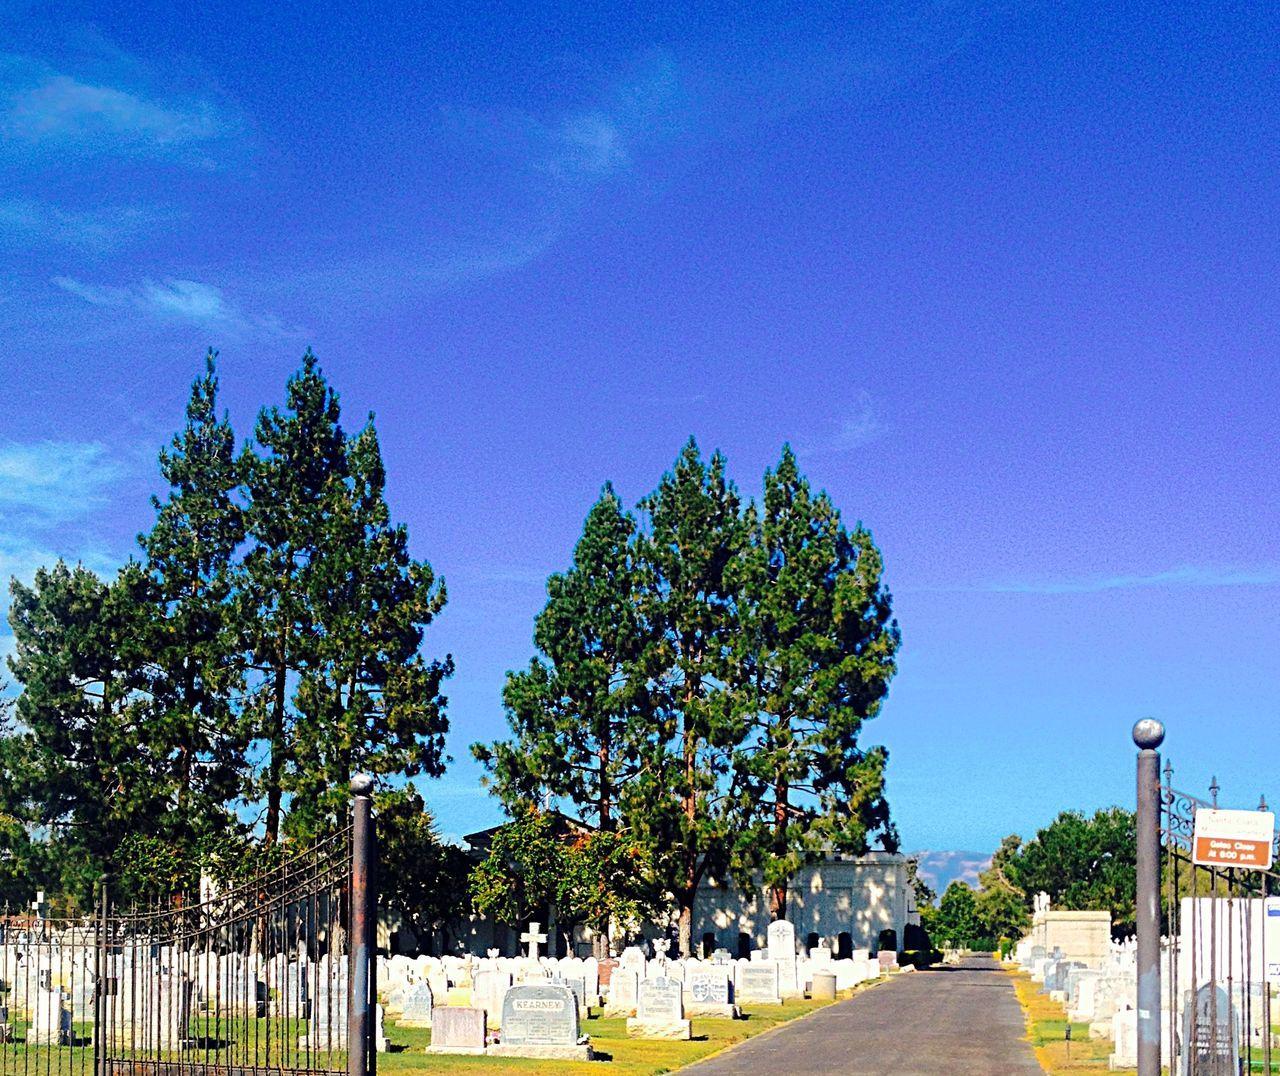 Cemetary 2 Cemetary Trees Grass Sky Gravestones Wrought Iron Gate